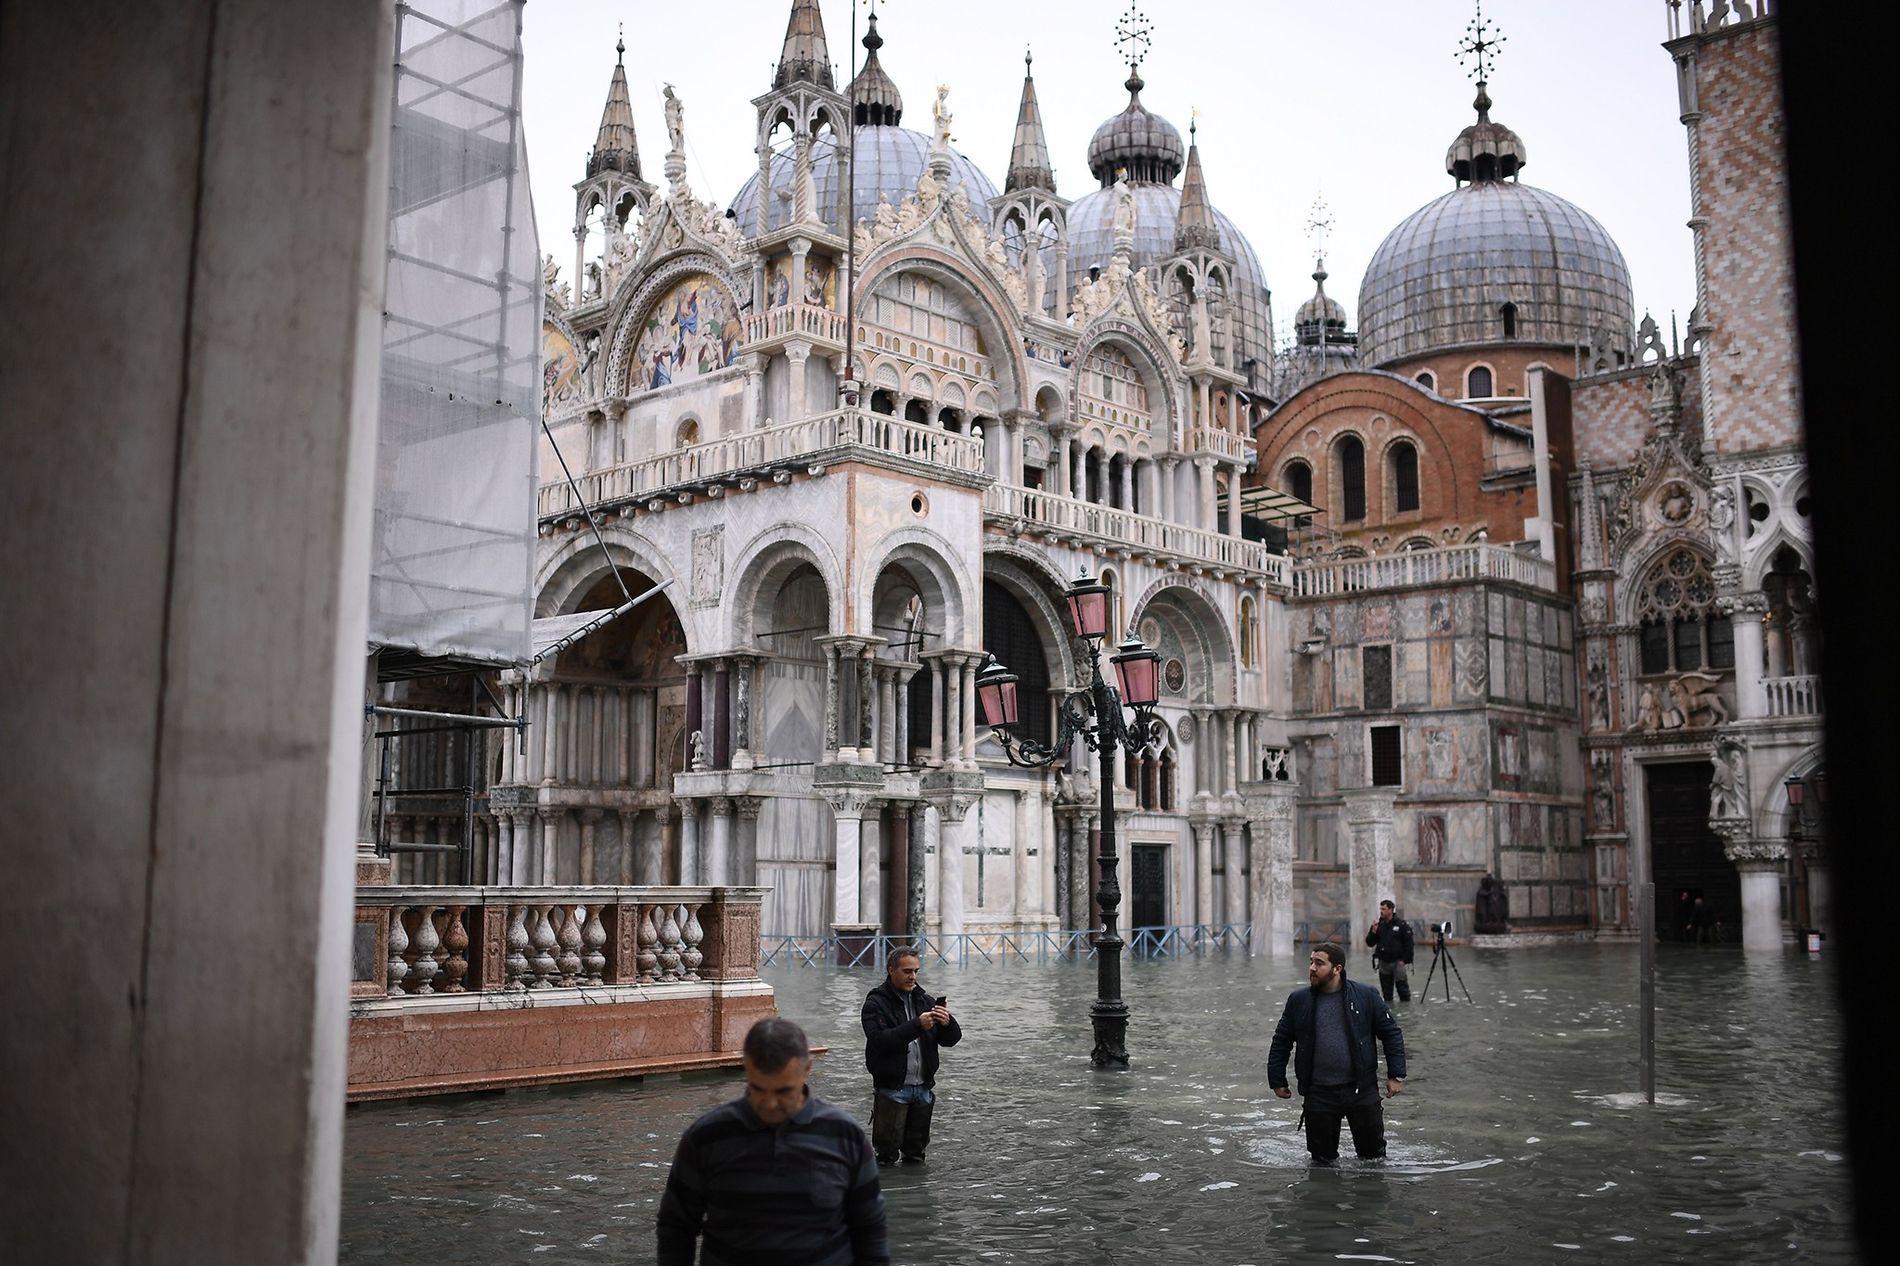 Après avoir enfilé leurs cuissardes, des piétons traversent la place Saint-Marc inondée à Venise. Une marée ...